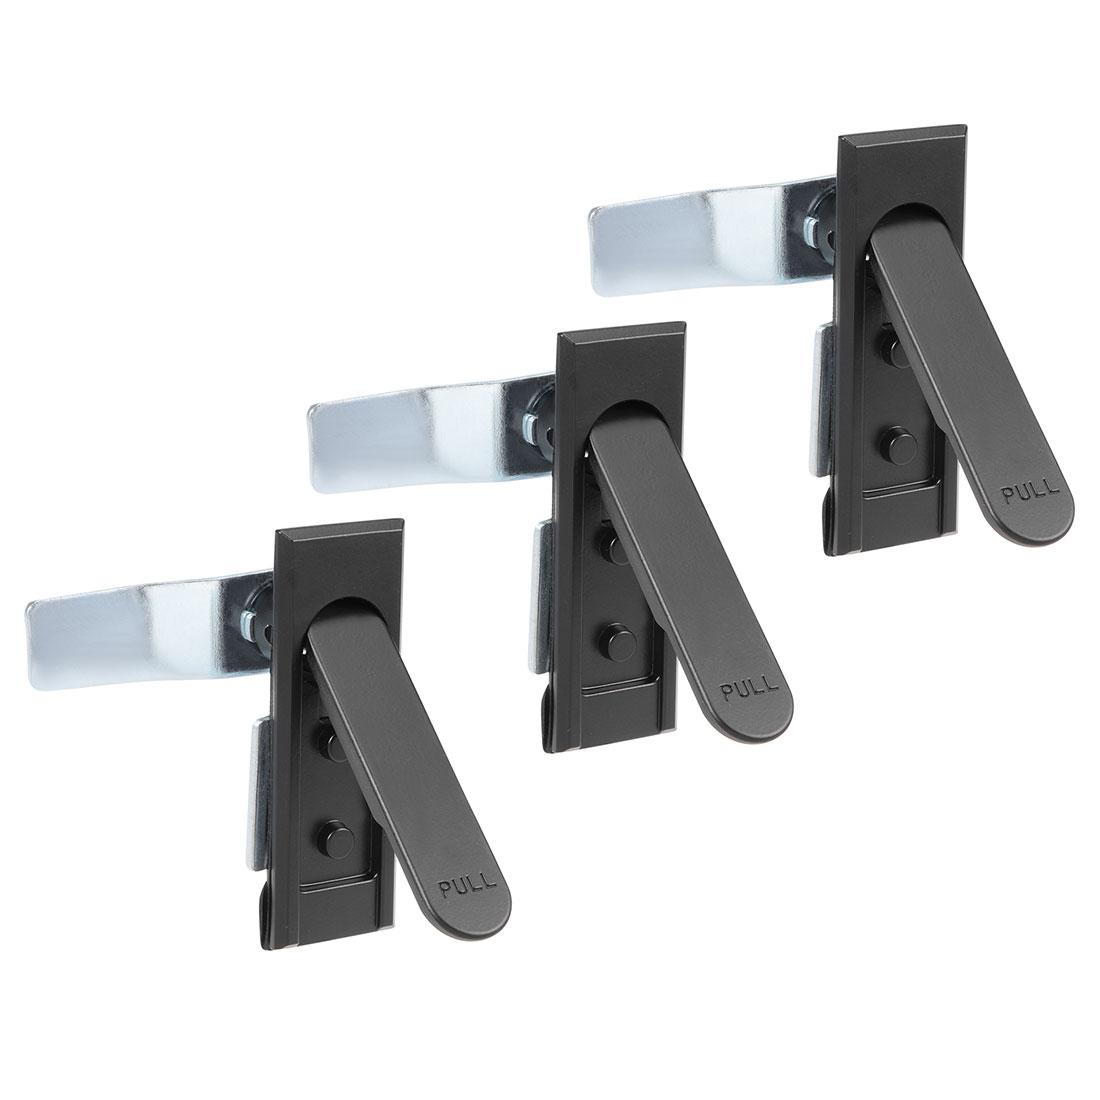 Electric Cabinet Panel Cam Lock Pull Type Door Lock Black 3pcs